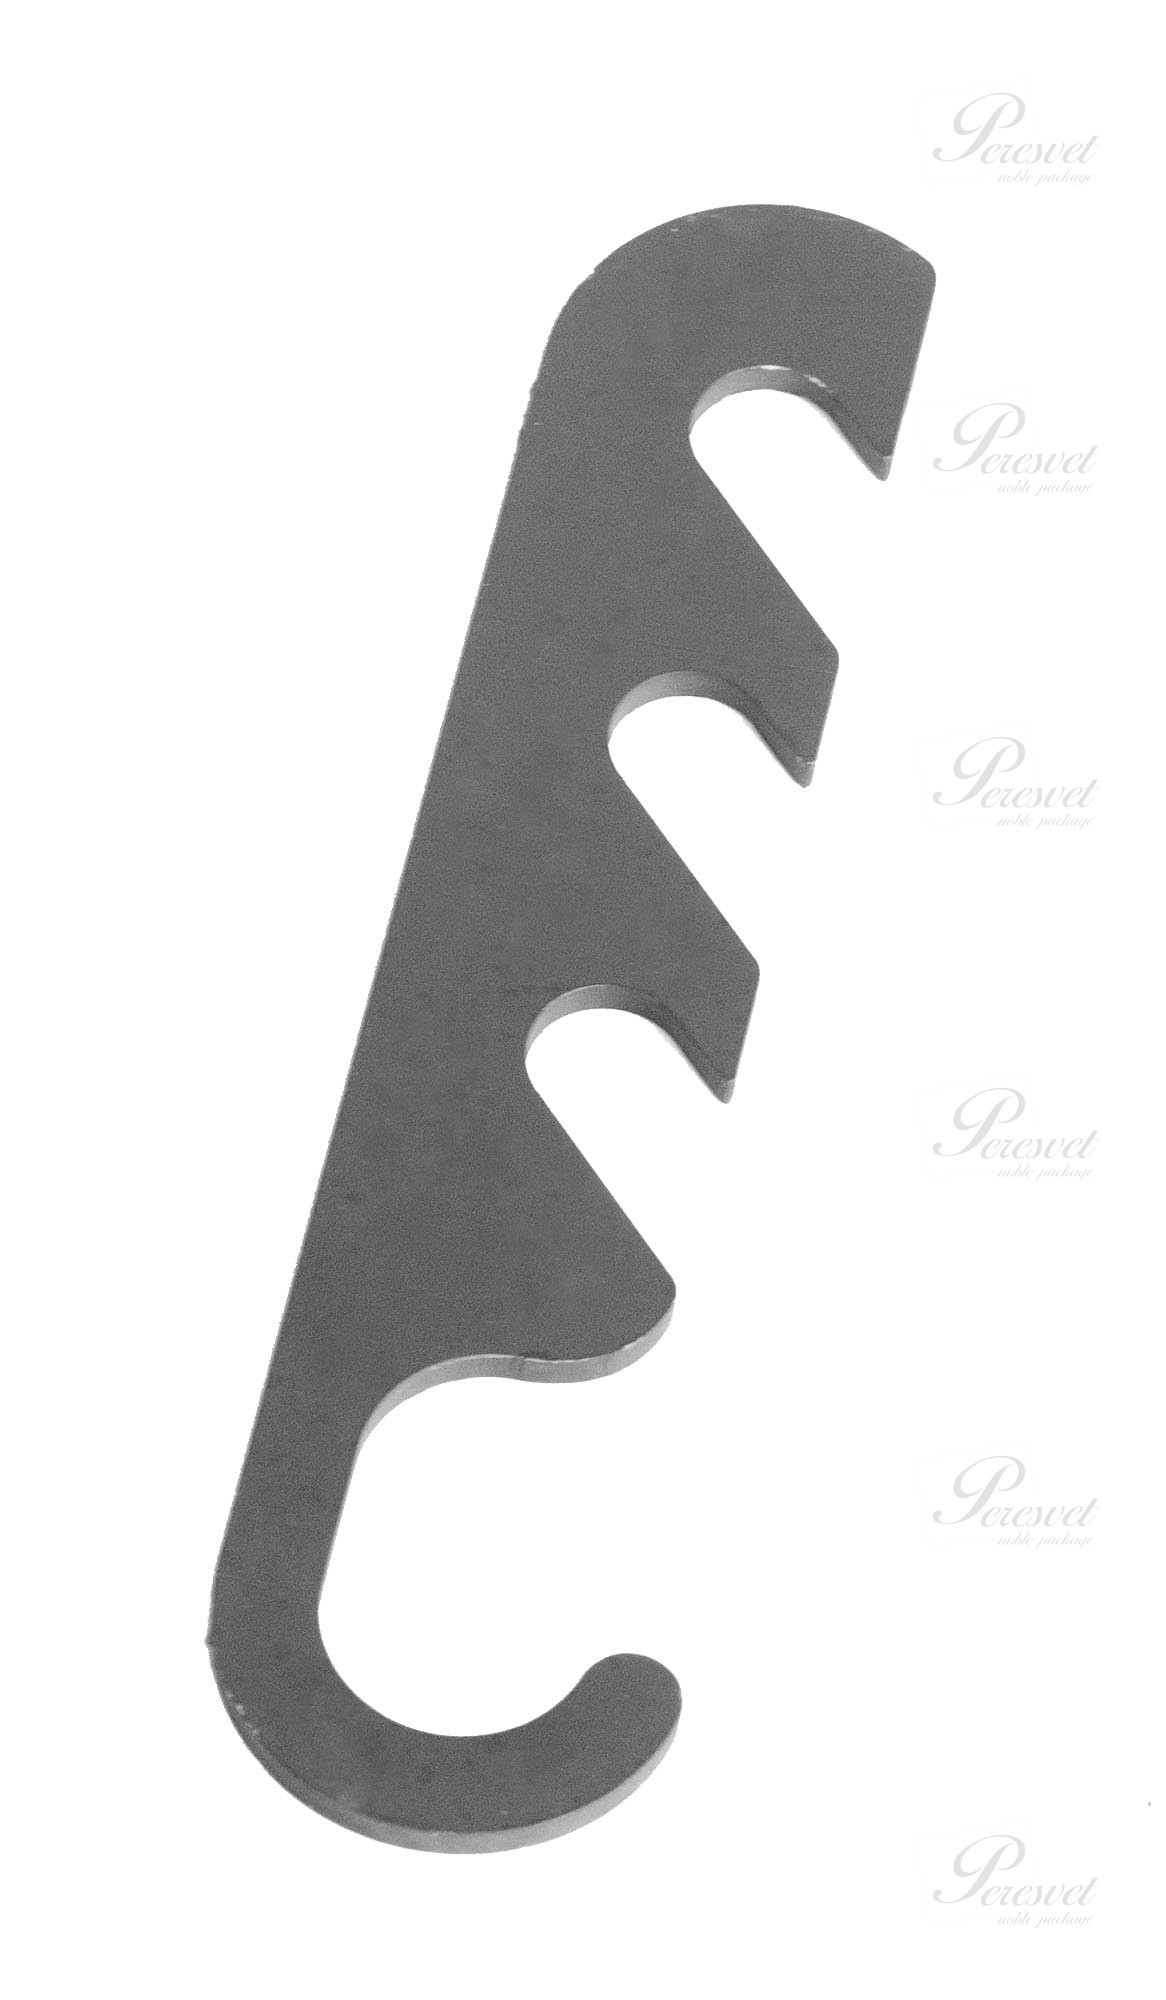 Модуль скала к мангалу трансформер Сумрак стандарт на peresvet.by